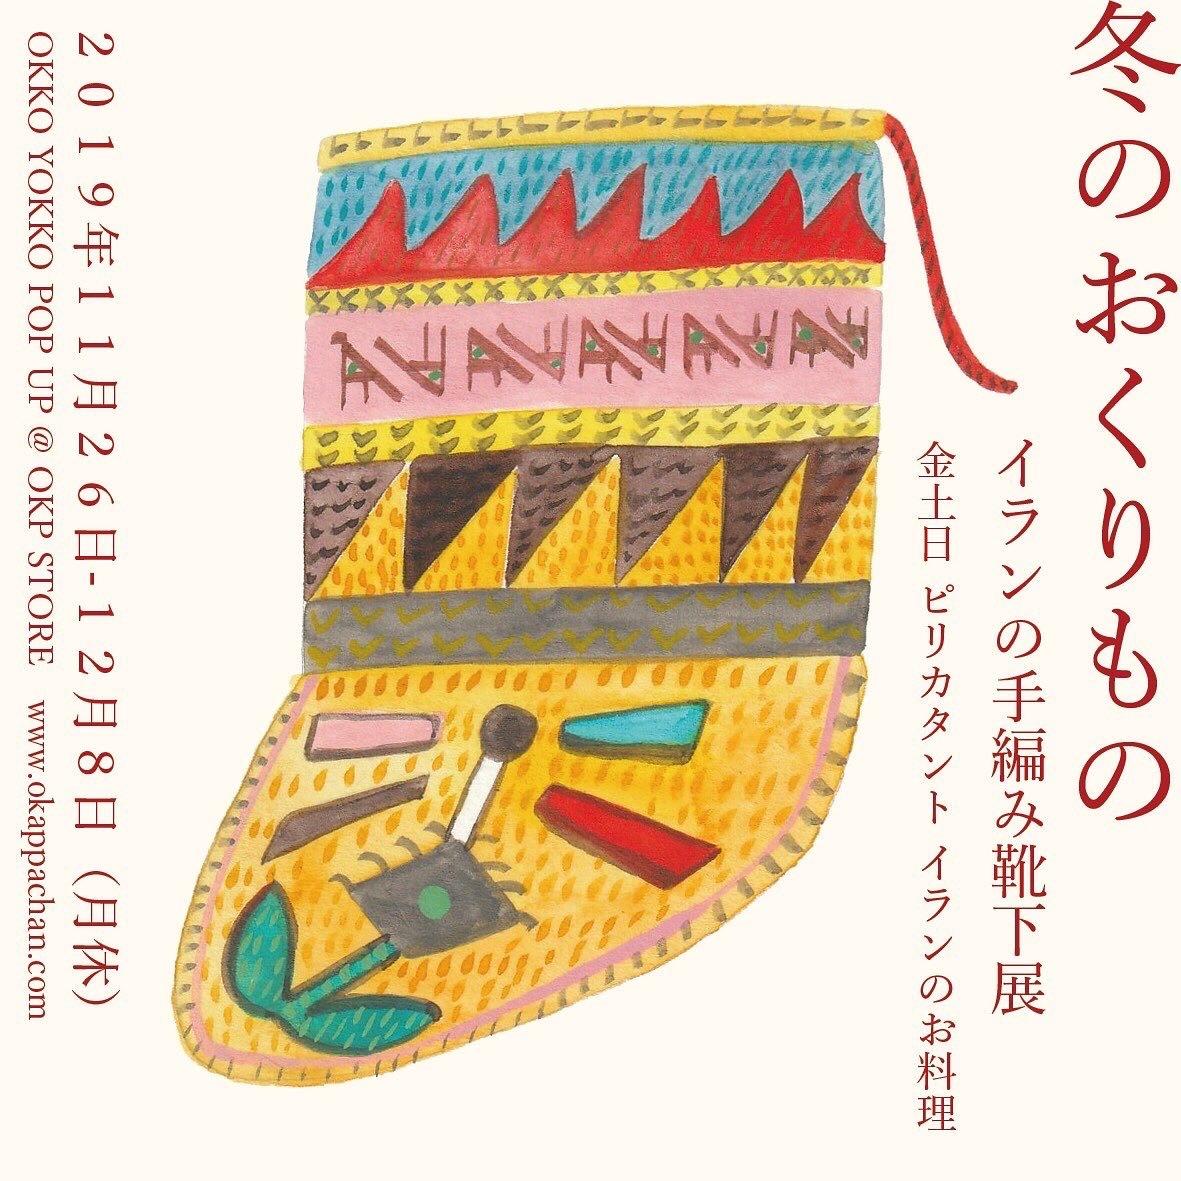 冬のおくりもの イランの手編み靴下展 東京おかっぱちゃんハウス_d0156336_16252837.jpg